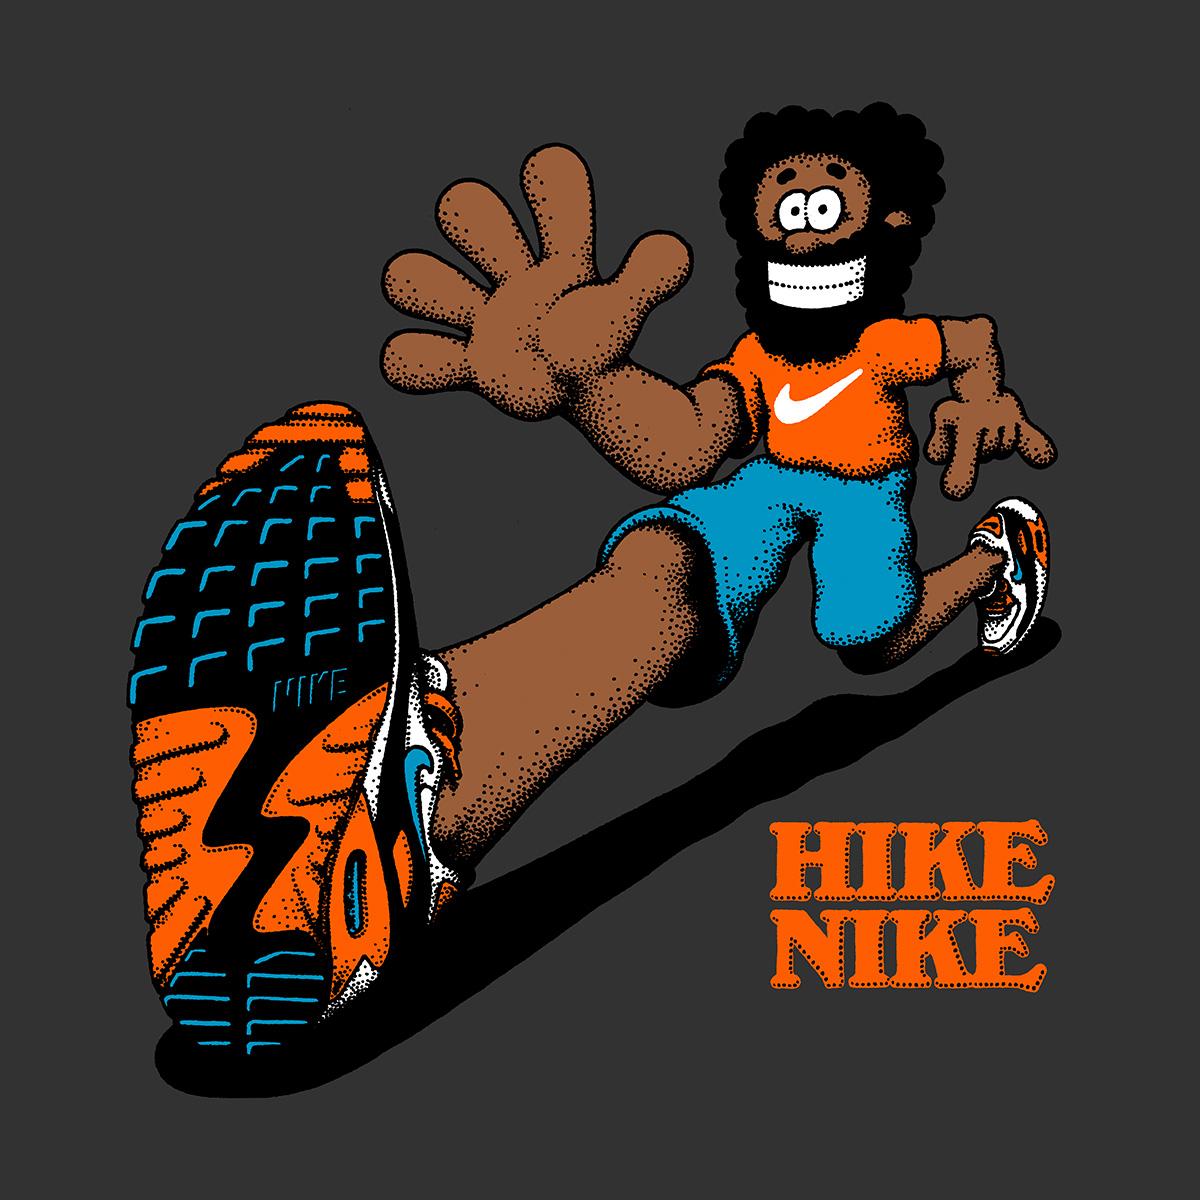 Hike Nike